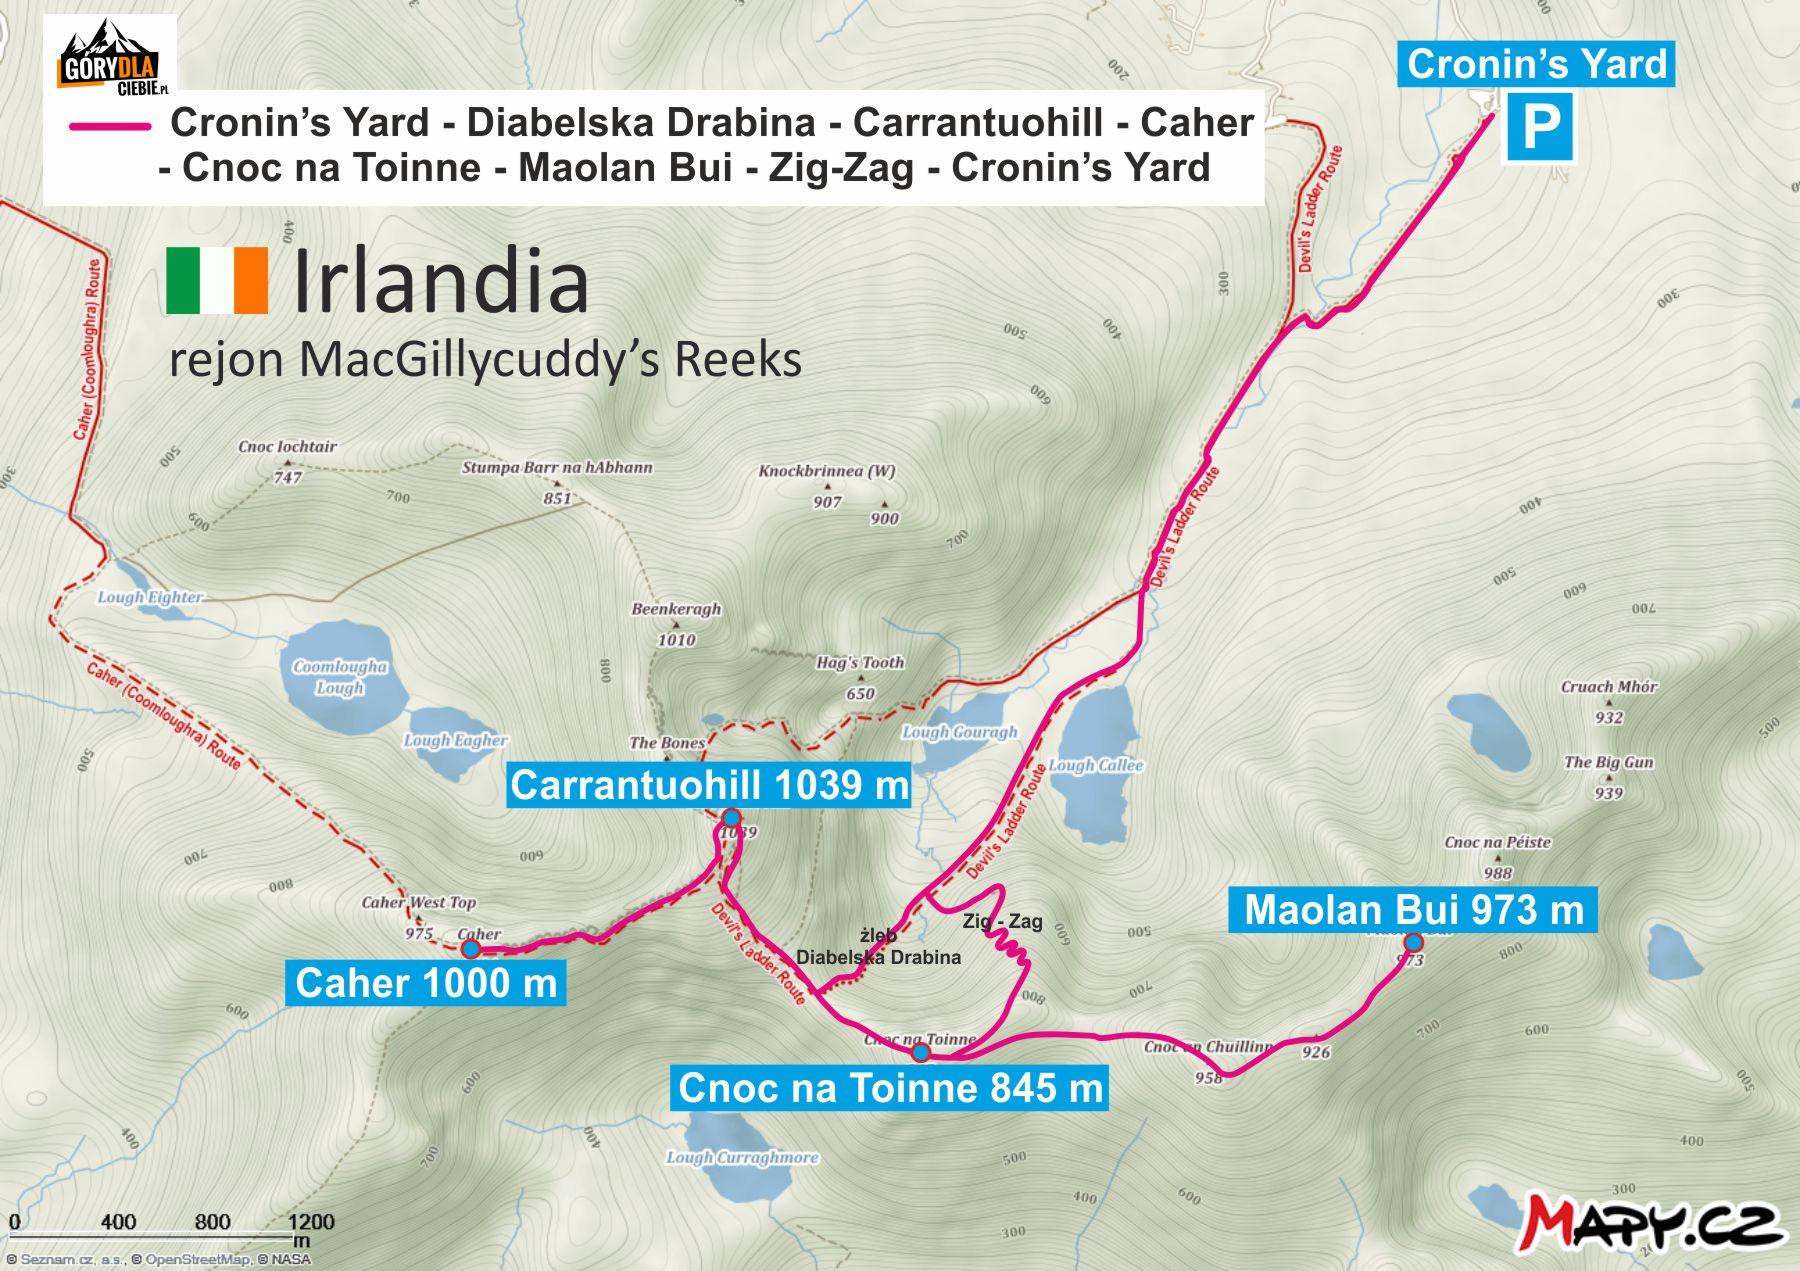 Carrantuohill - Maolán Buí mapa